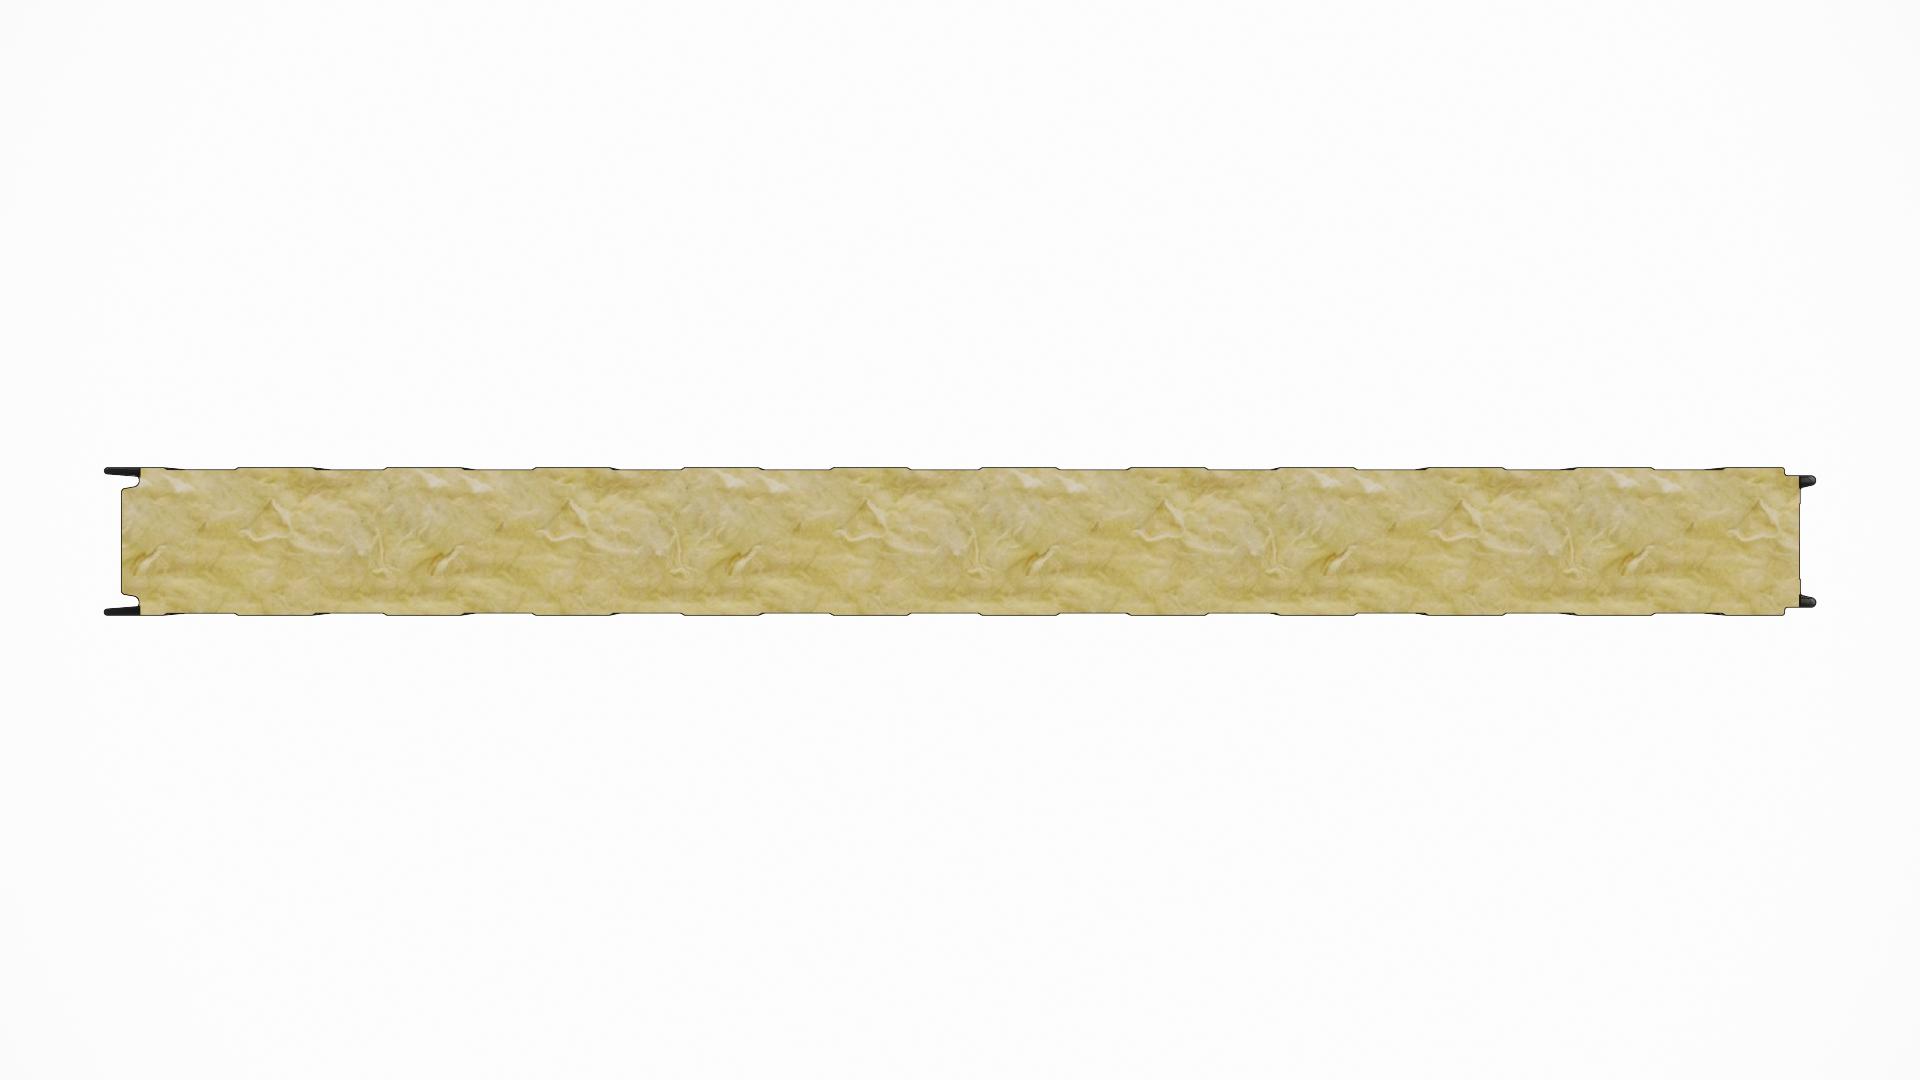 Yleining Fyrir Veggi Steinull